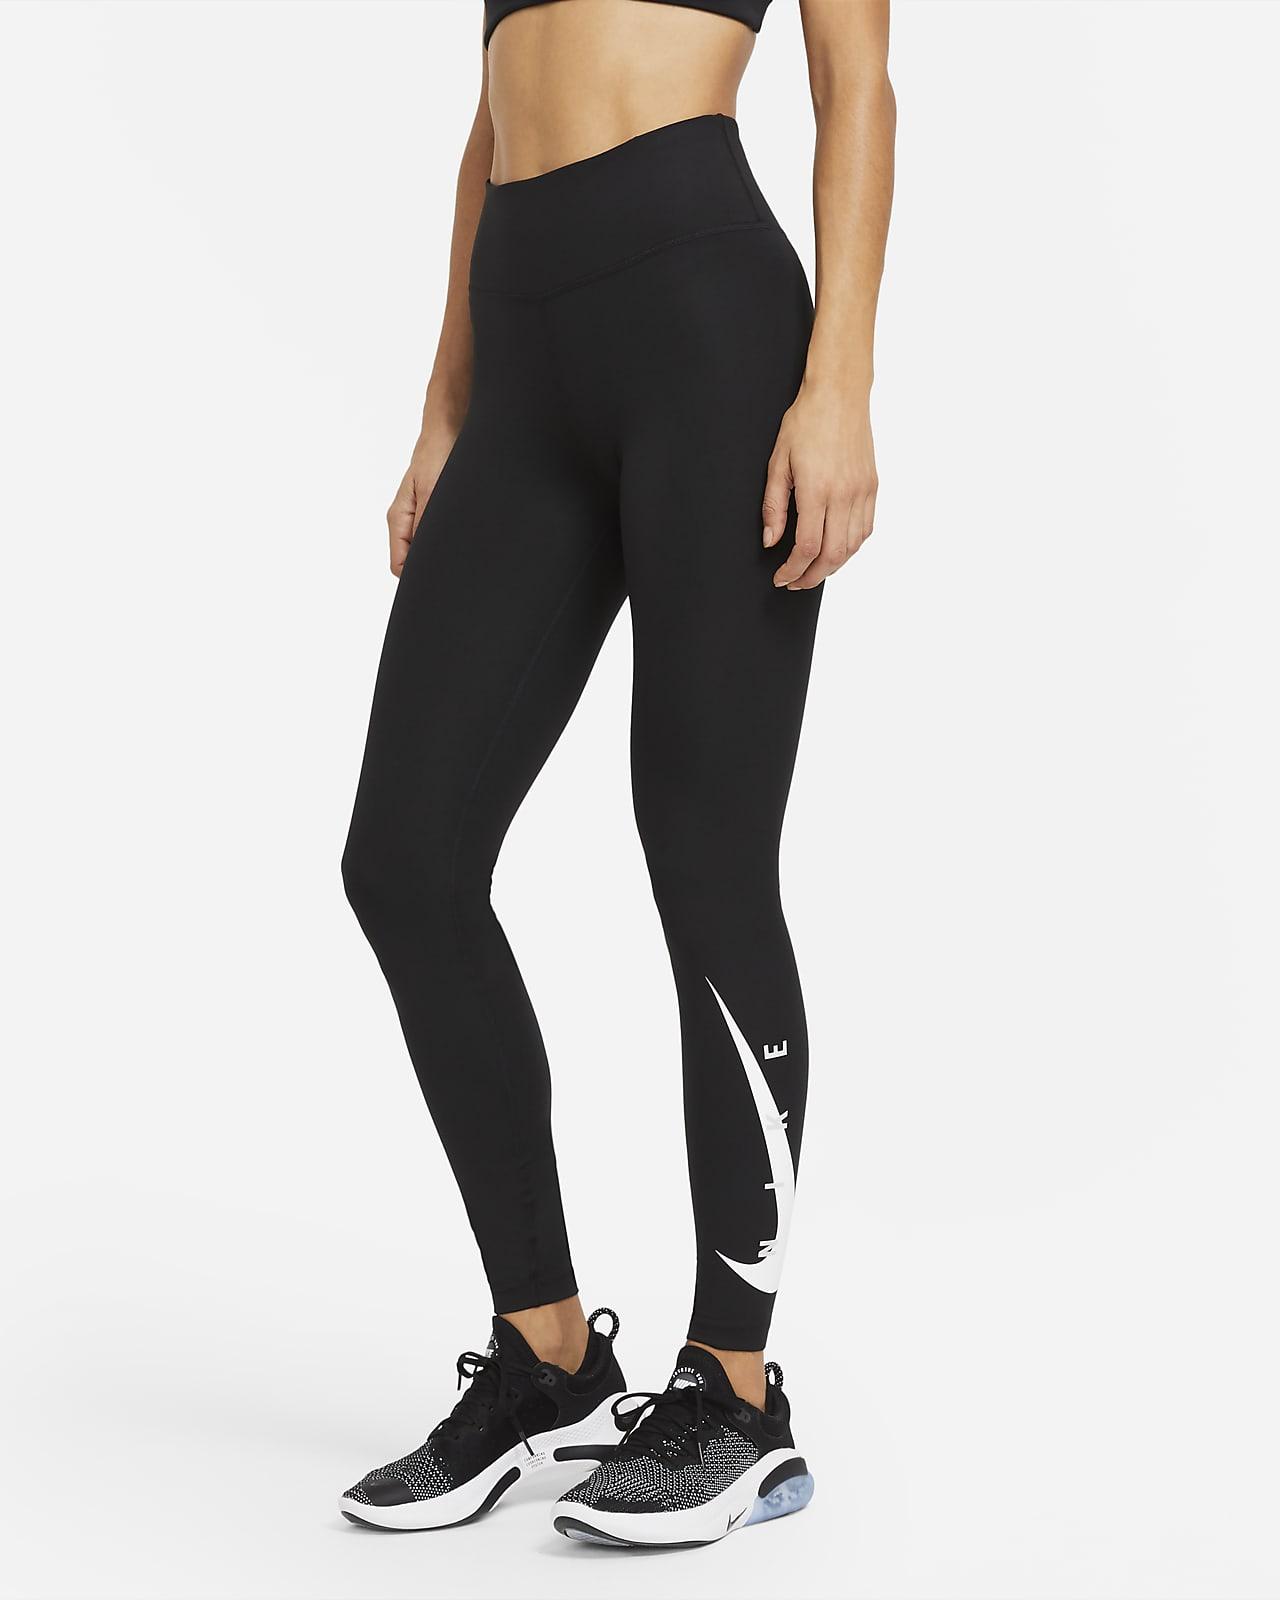 Damskie legginsy 7/8 ze średnim stanem do biegania Nike Swoosh Run